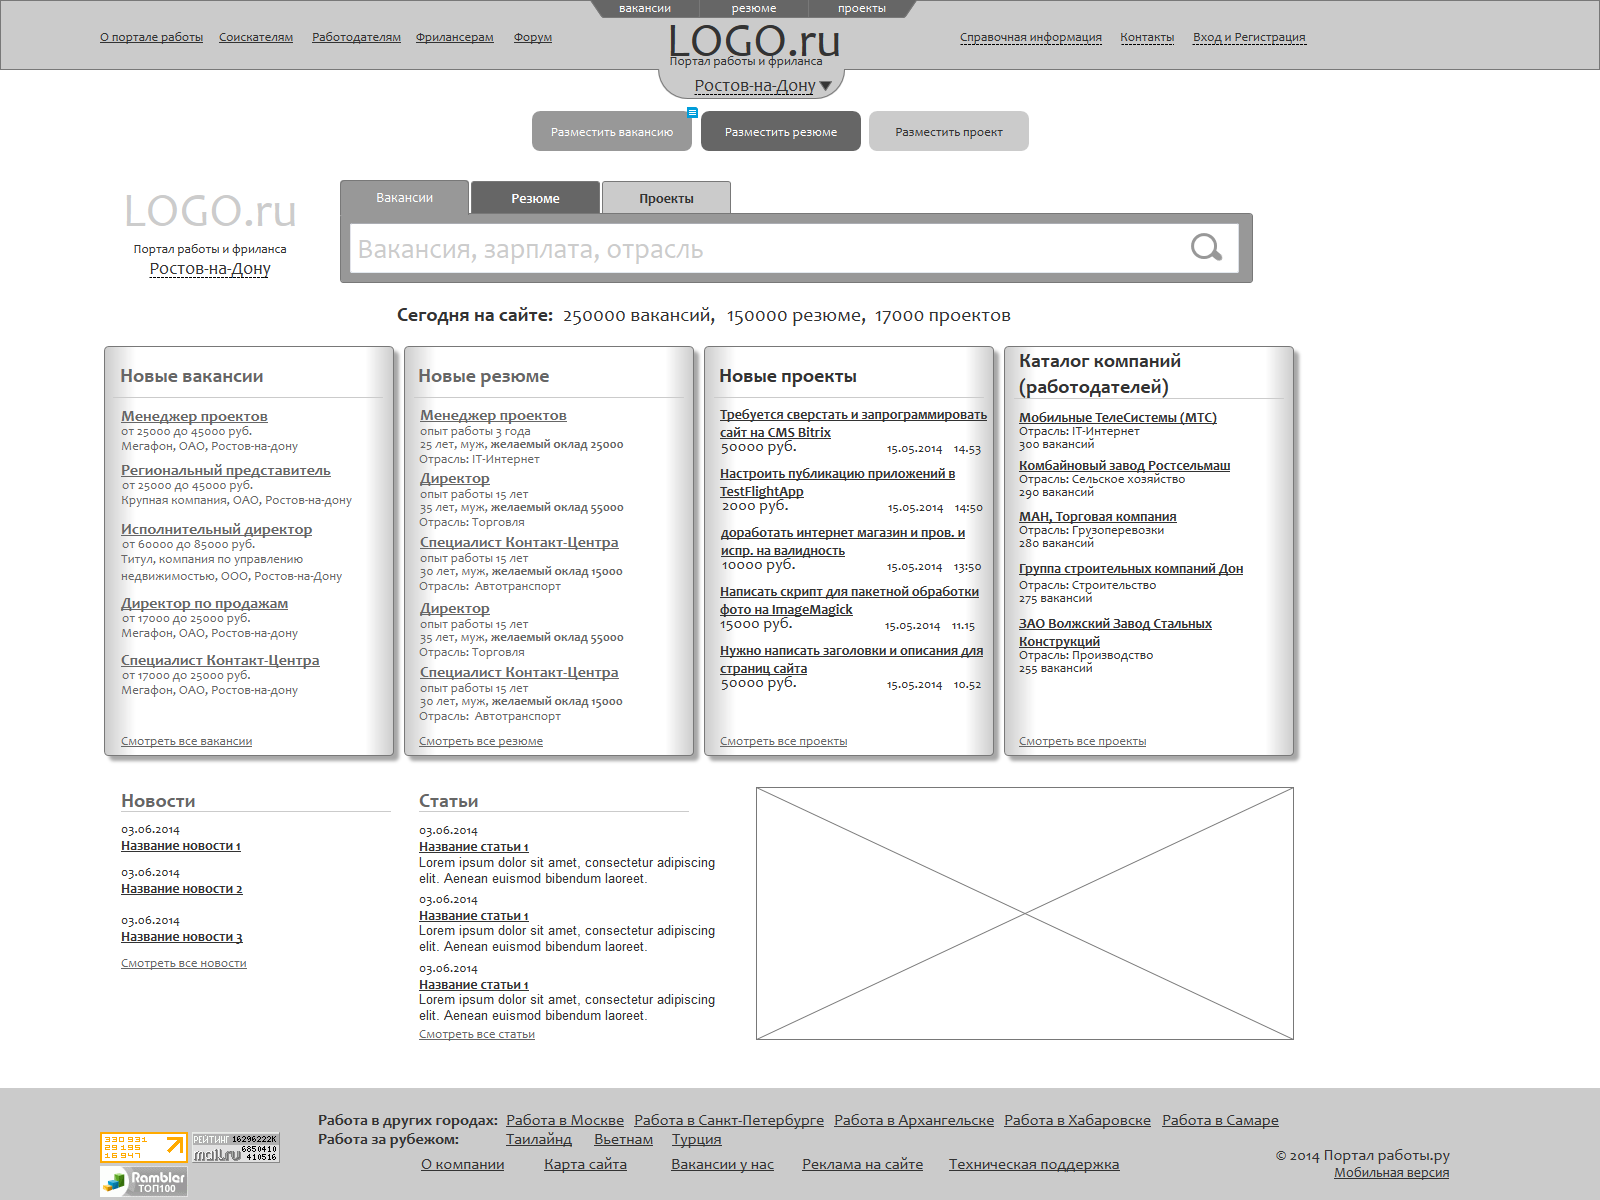 Прототип для сайта работы и фриланса